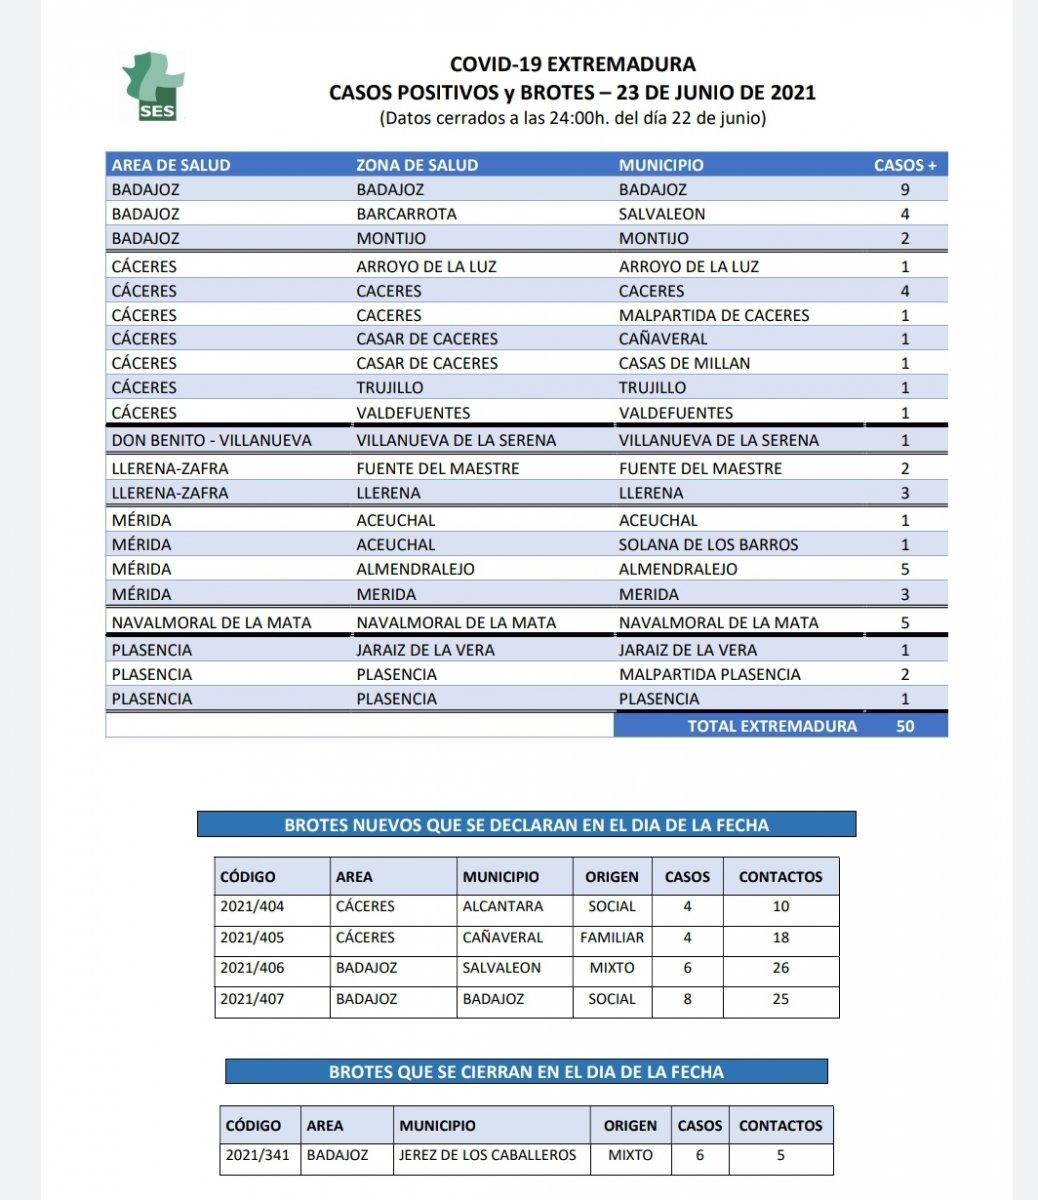 Localiza los nuevos casos de coronavirus que notifica Extremadura este 23 de junio